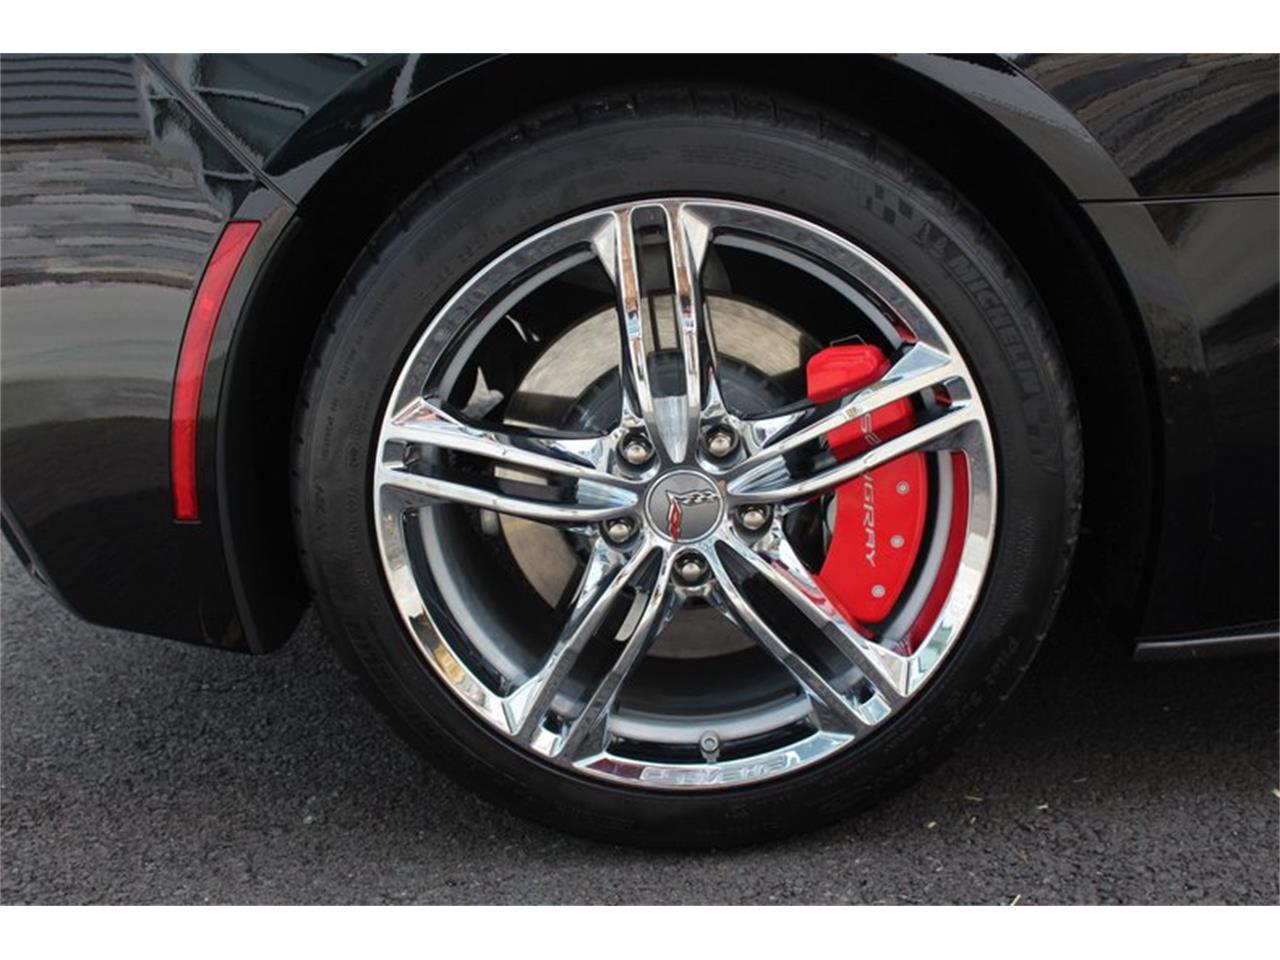 2017 Chevrolet Corvette (CC-1393483) for sale in Clifton Park, New York